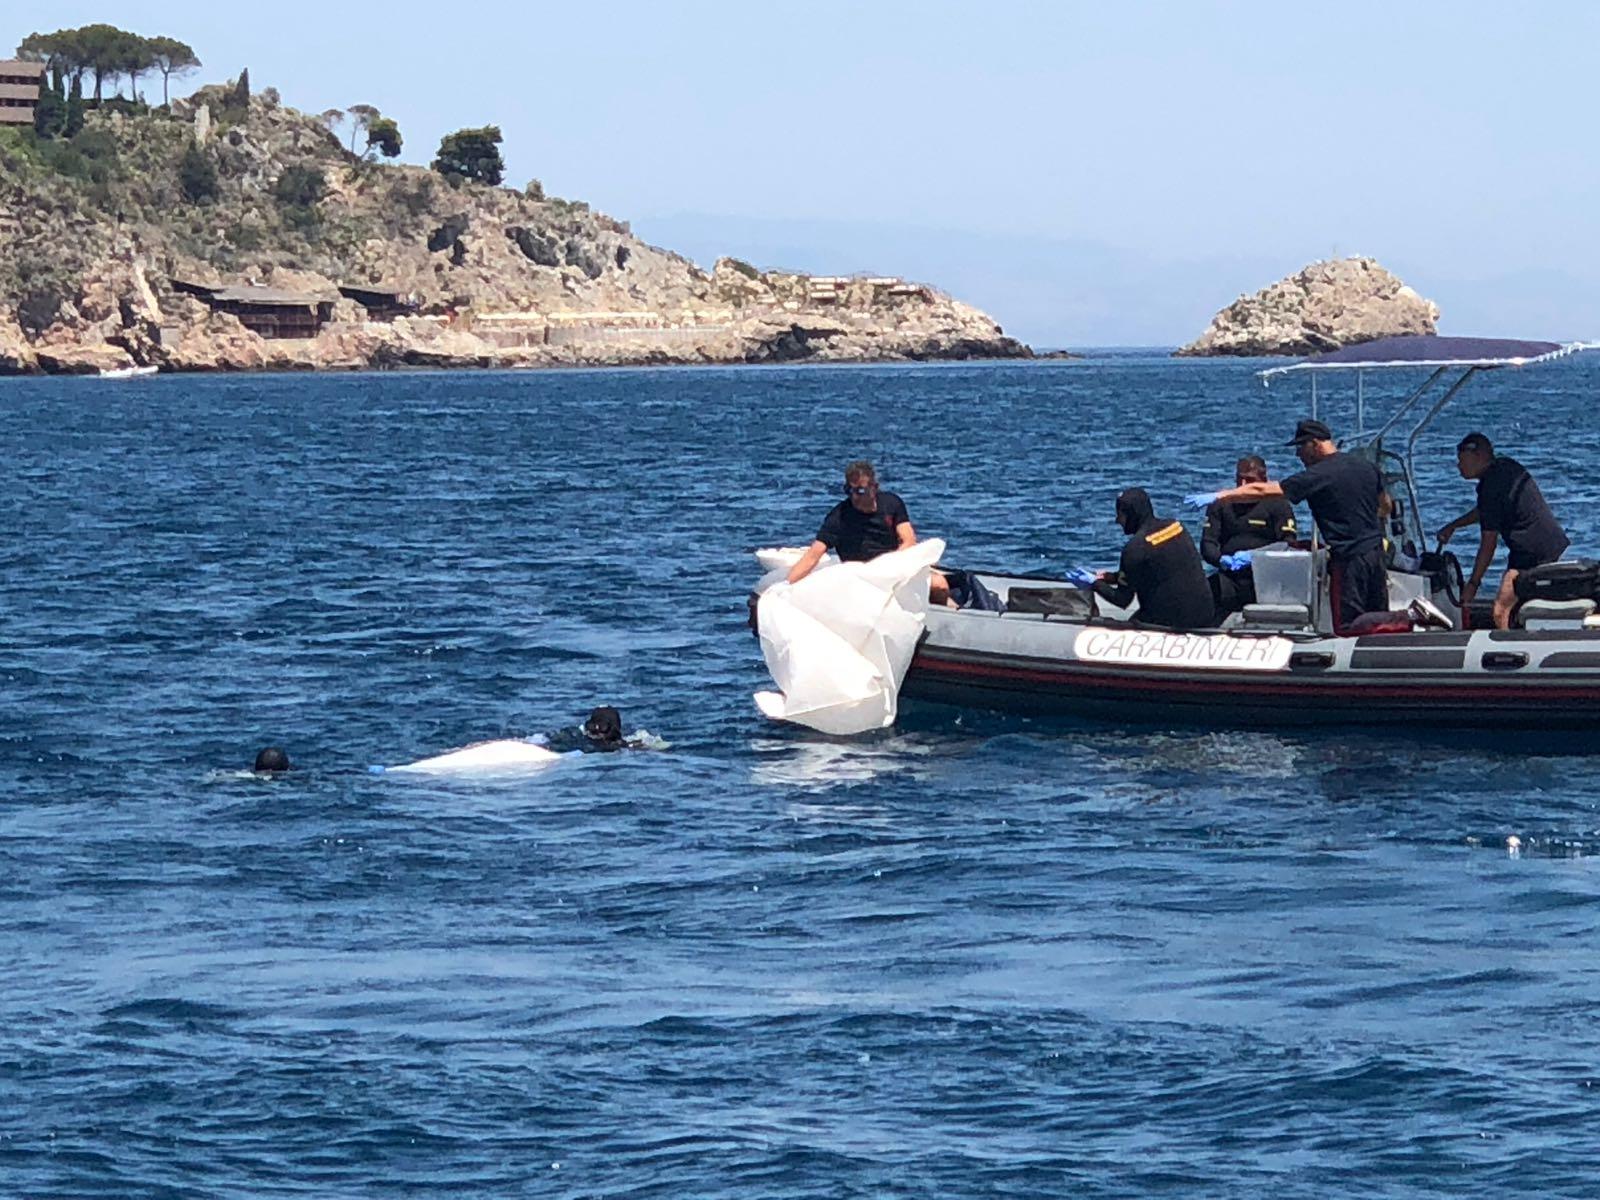 Morto in mare, identificato il cadavere dopo 10 mesi dal ritrovamento